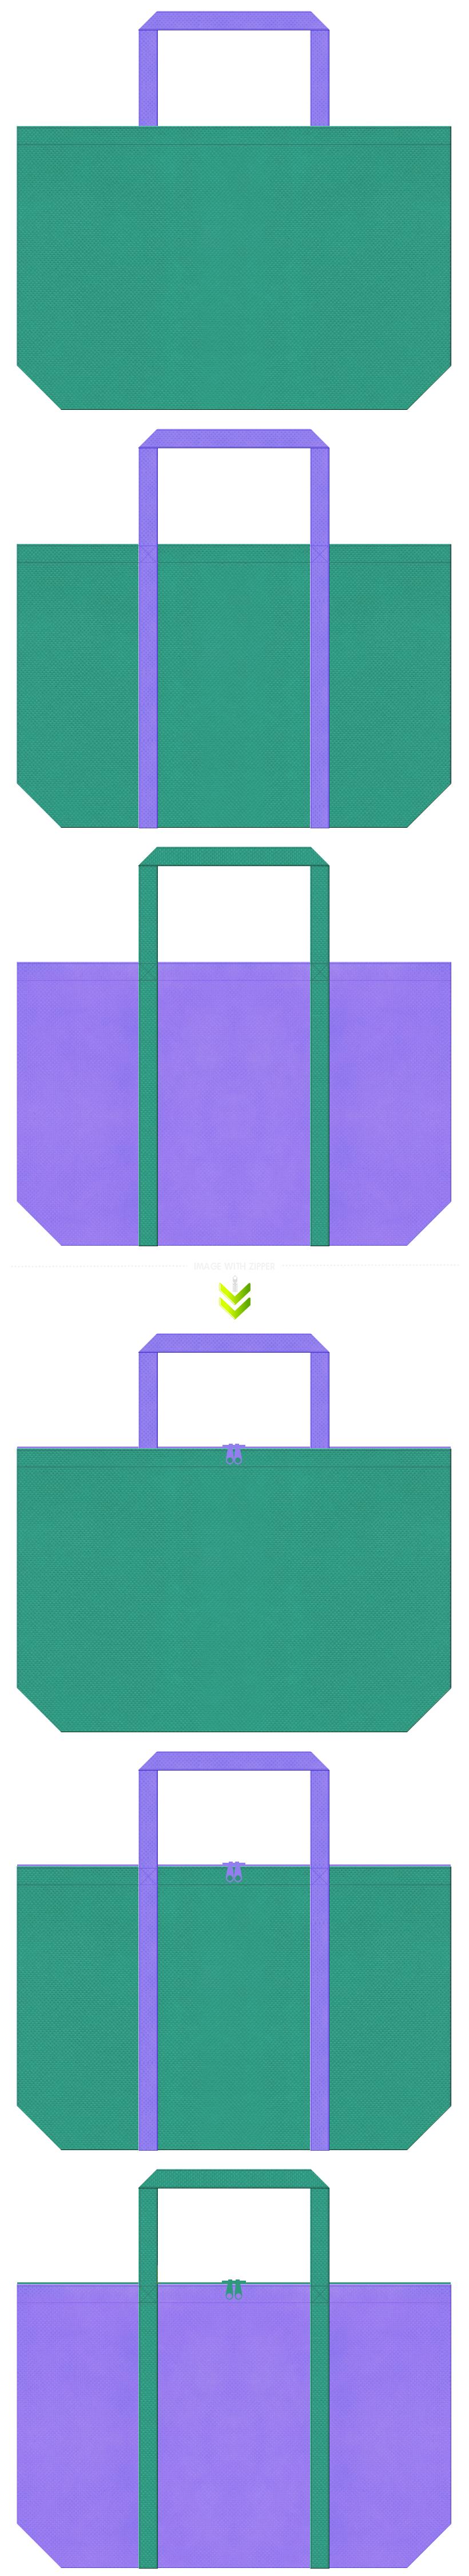 青緑色と薄紫色の不織布エコバッグのデザイン。